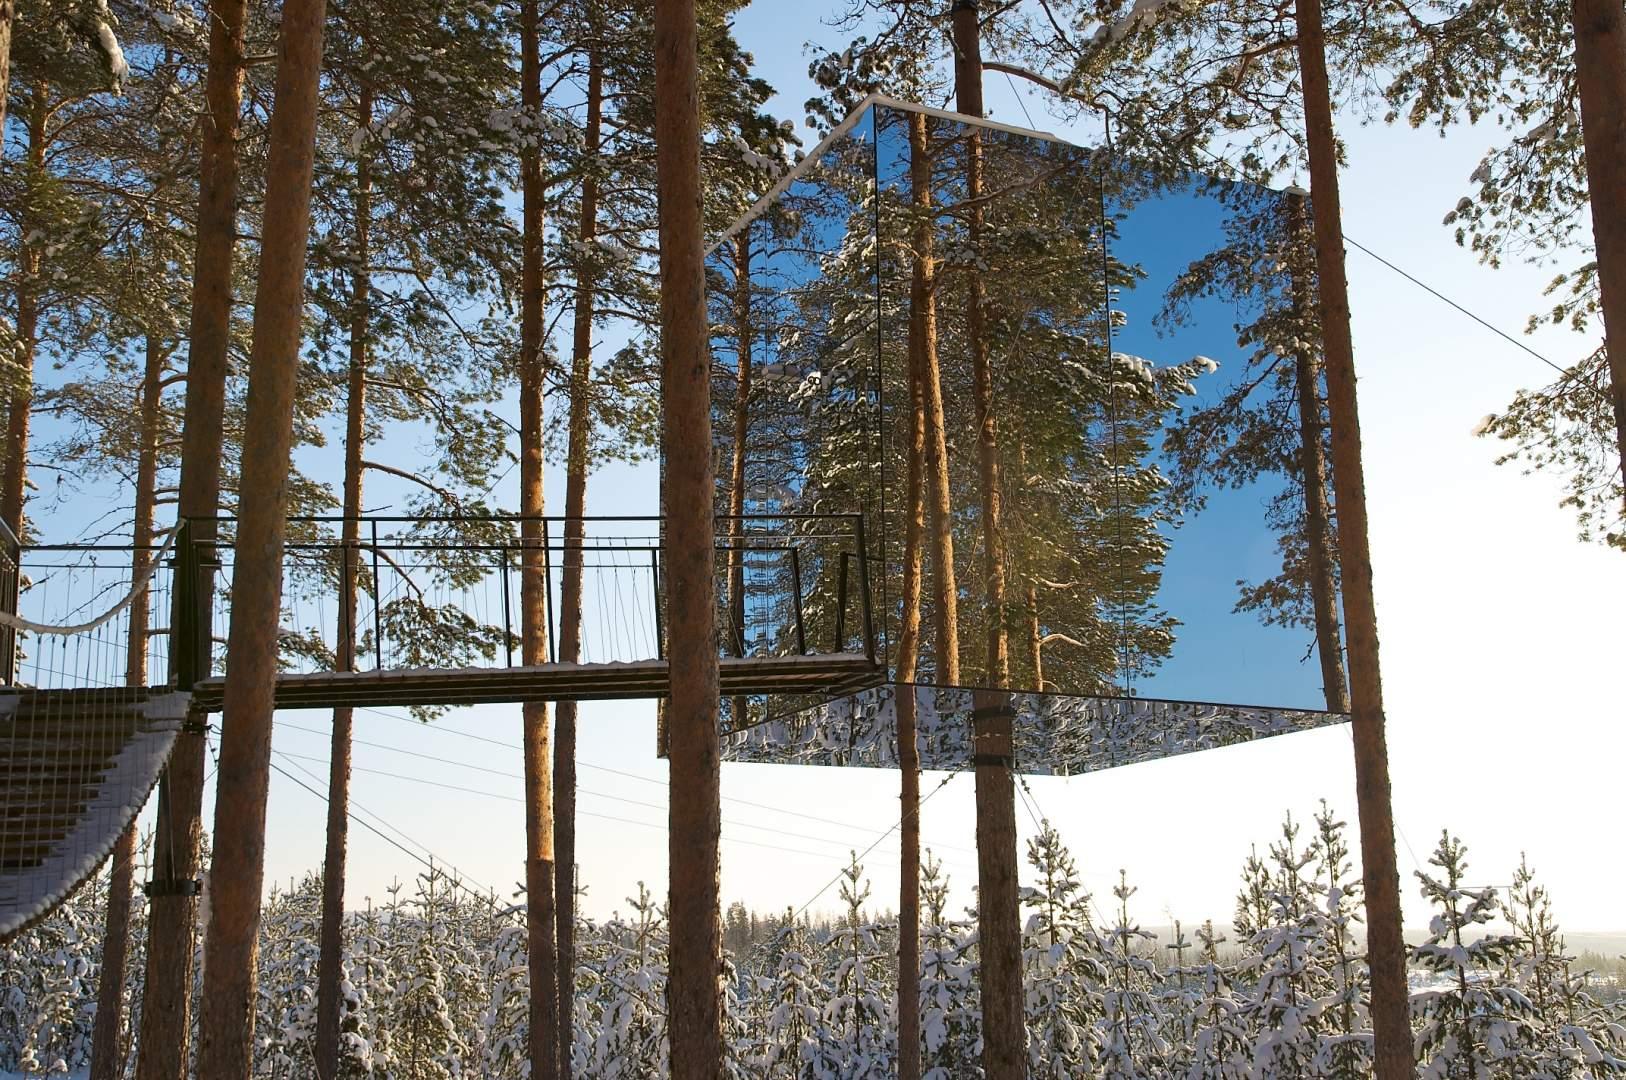 این هتل از خانه های درختی درست شده است که اتاق های آن شبیه کپسول های شیشه ای هستند